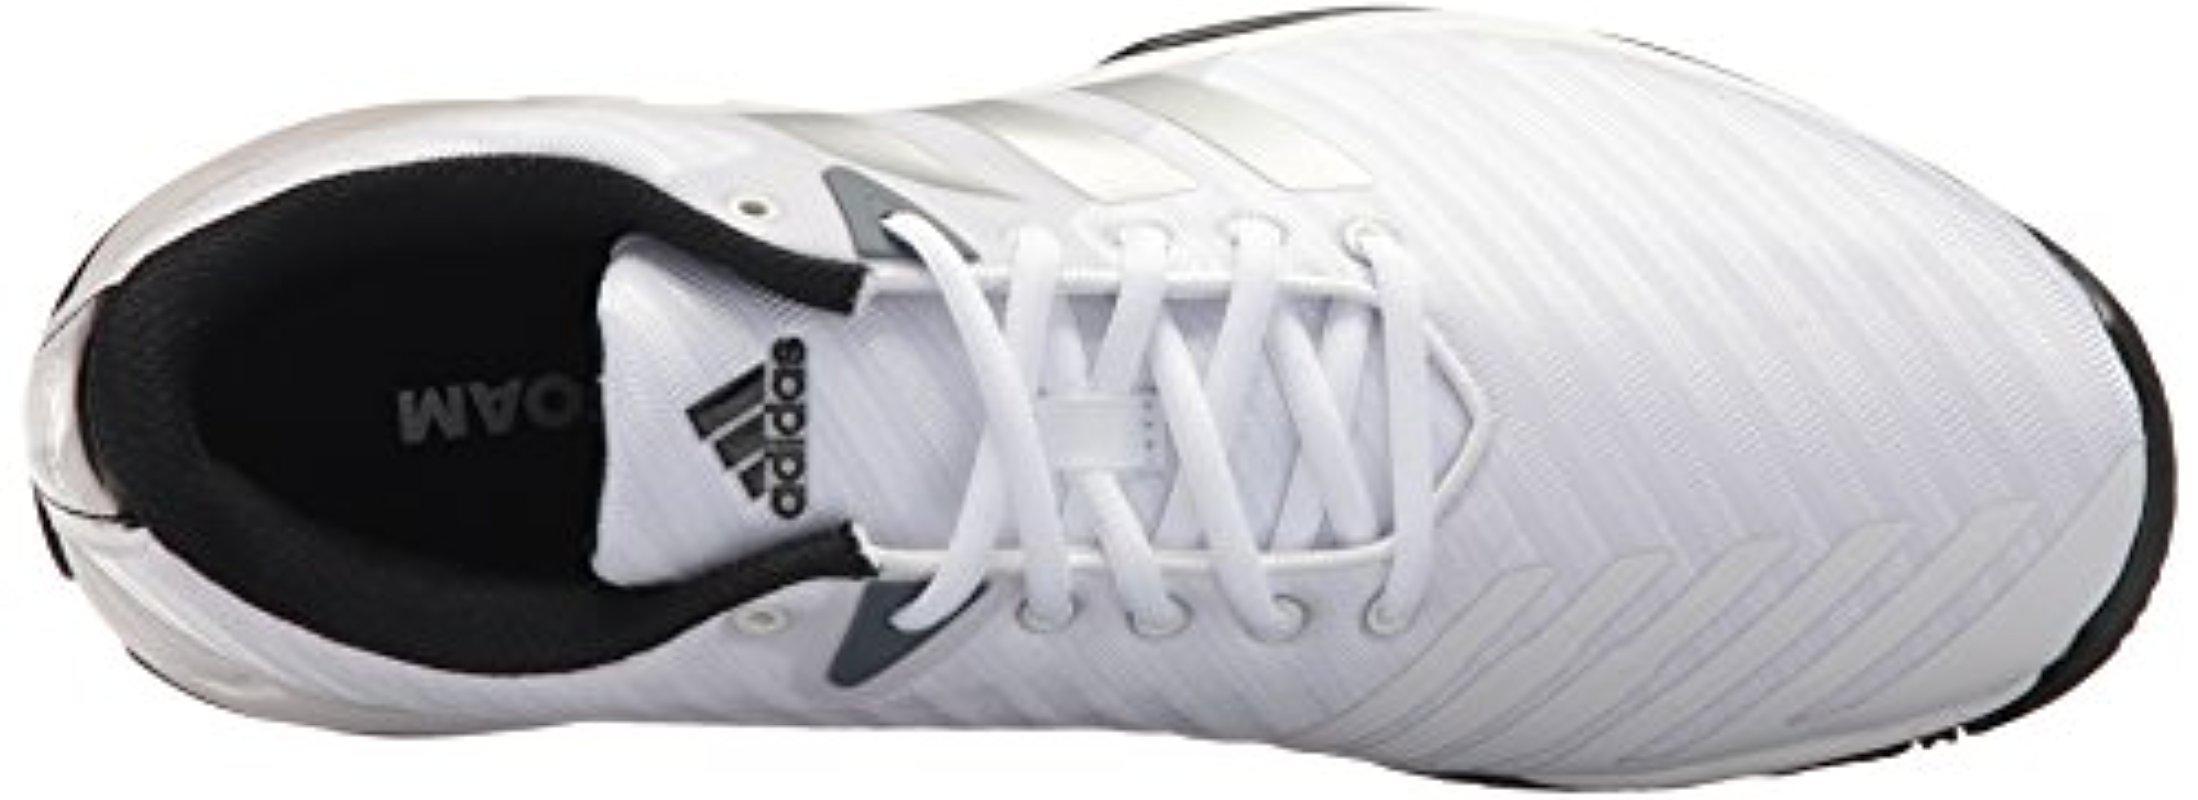 lyst adidas barricata corte 3 grande scarpa da tennis per gli uomini.